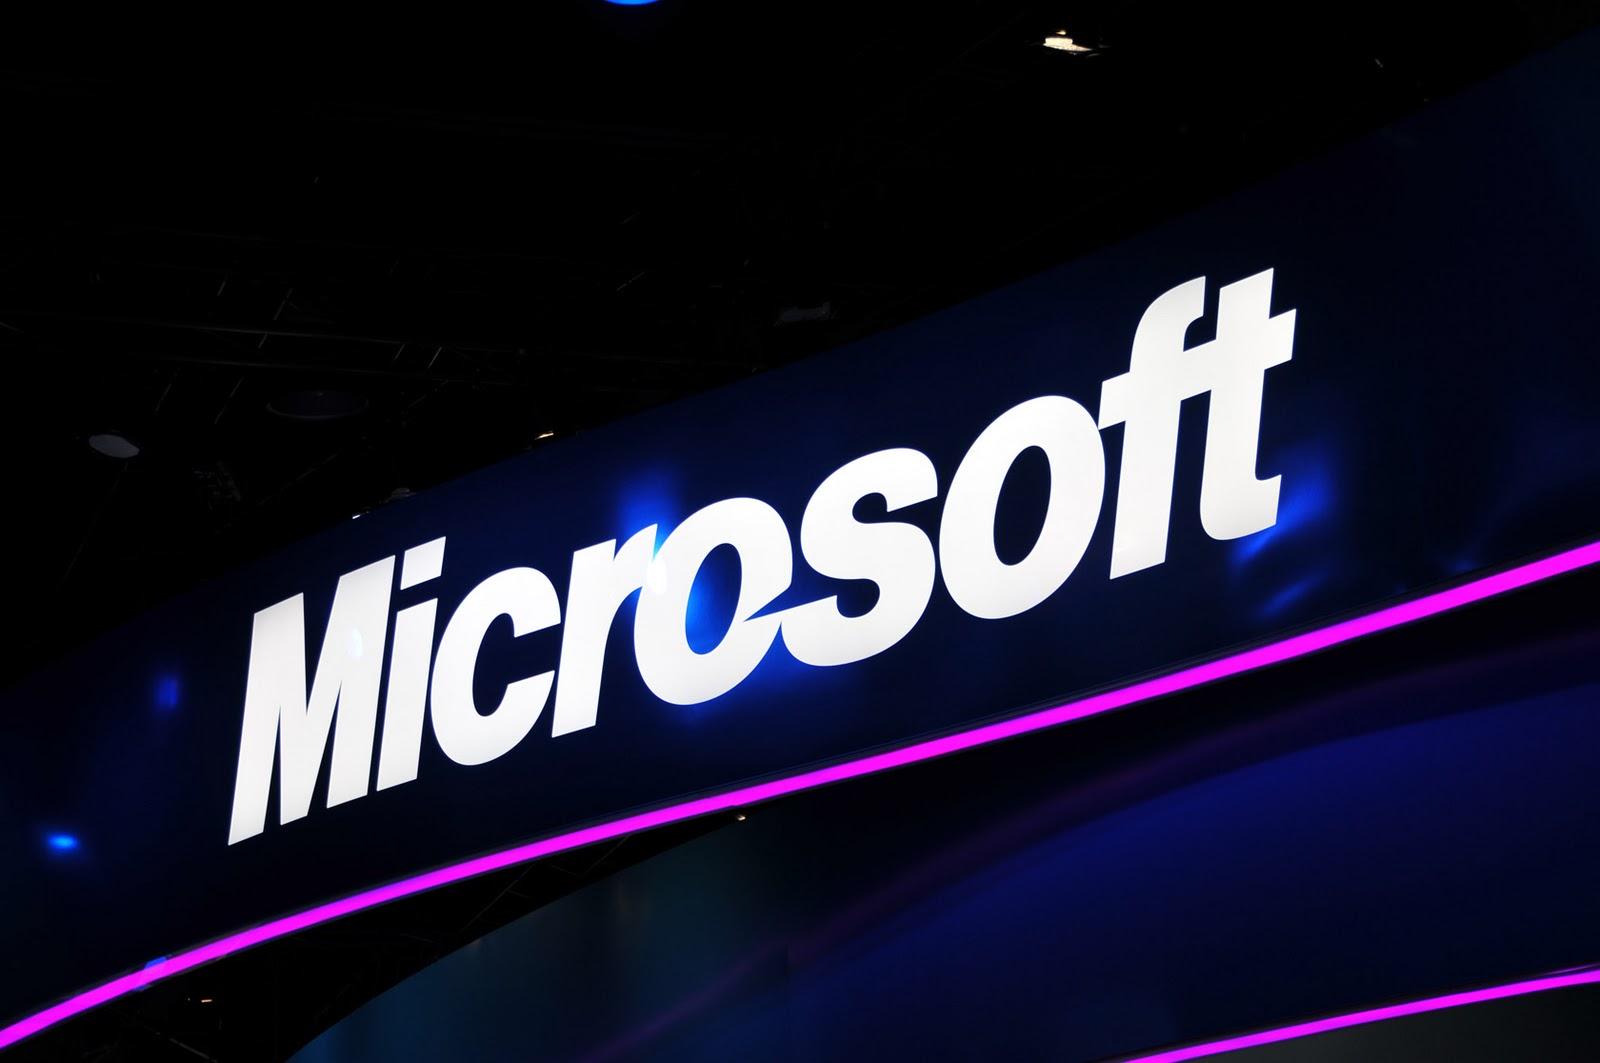 تطبيق مايكروسوفت آوت لوك لنظام أندرويد يهدد خصوصية المستخدمين